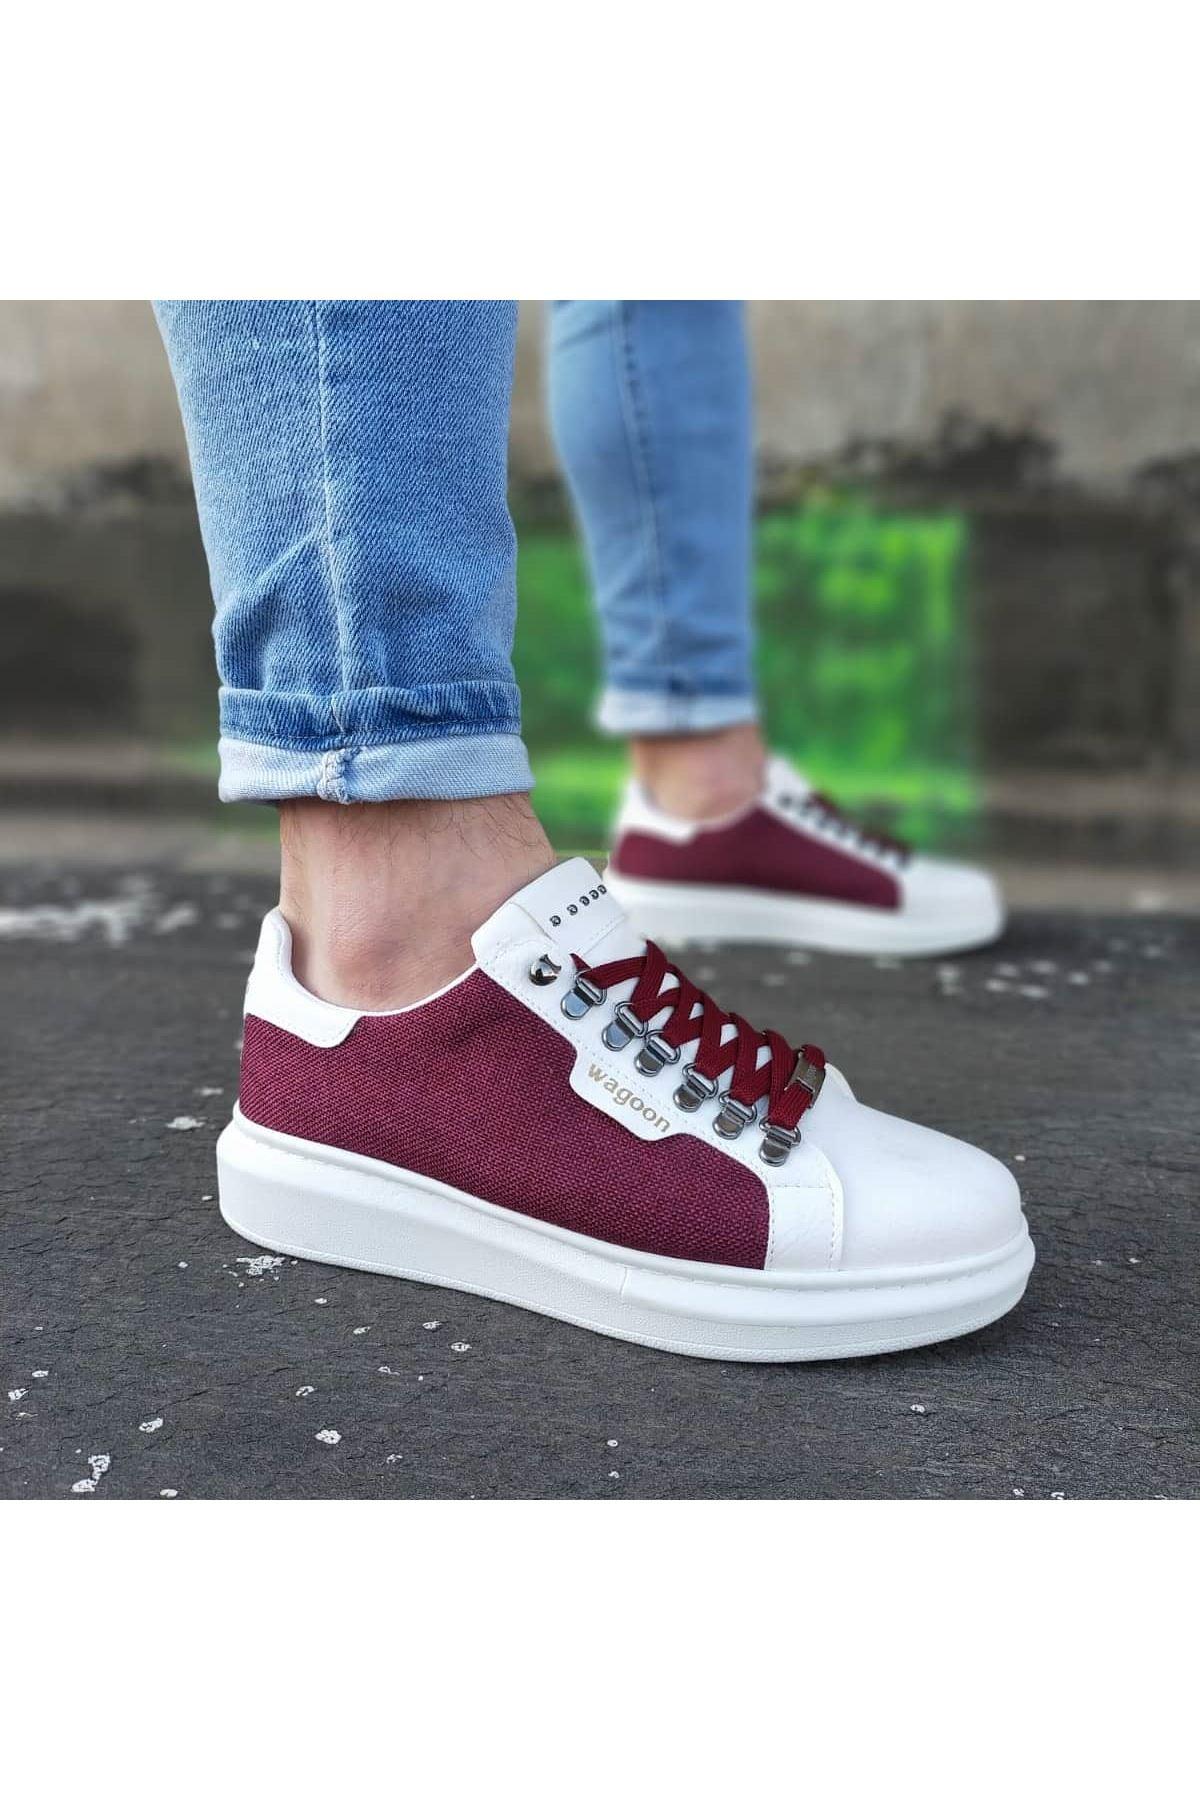 Wagoon WG01 Beyaz Bordo Keten Erkek Casual Ayakkabı